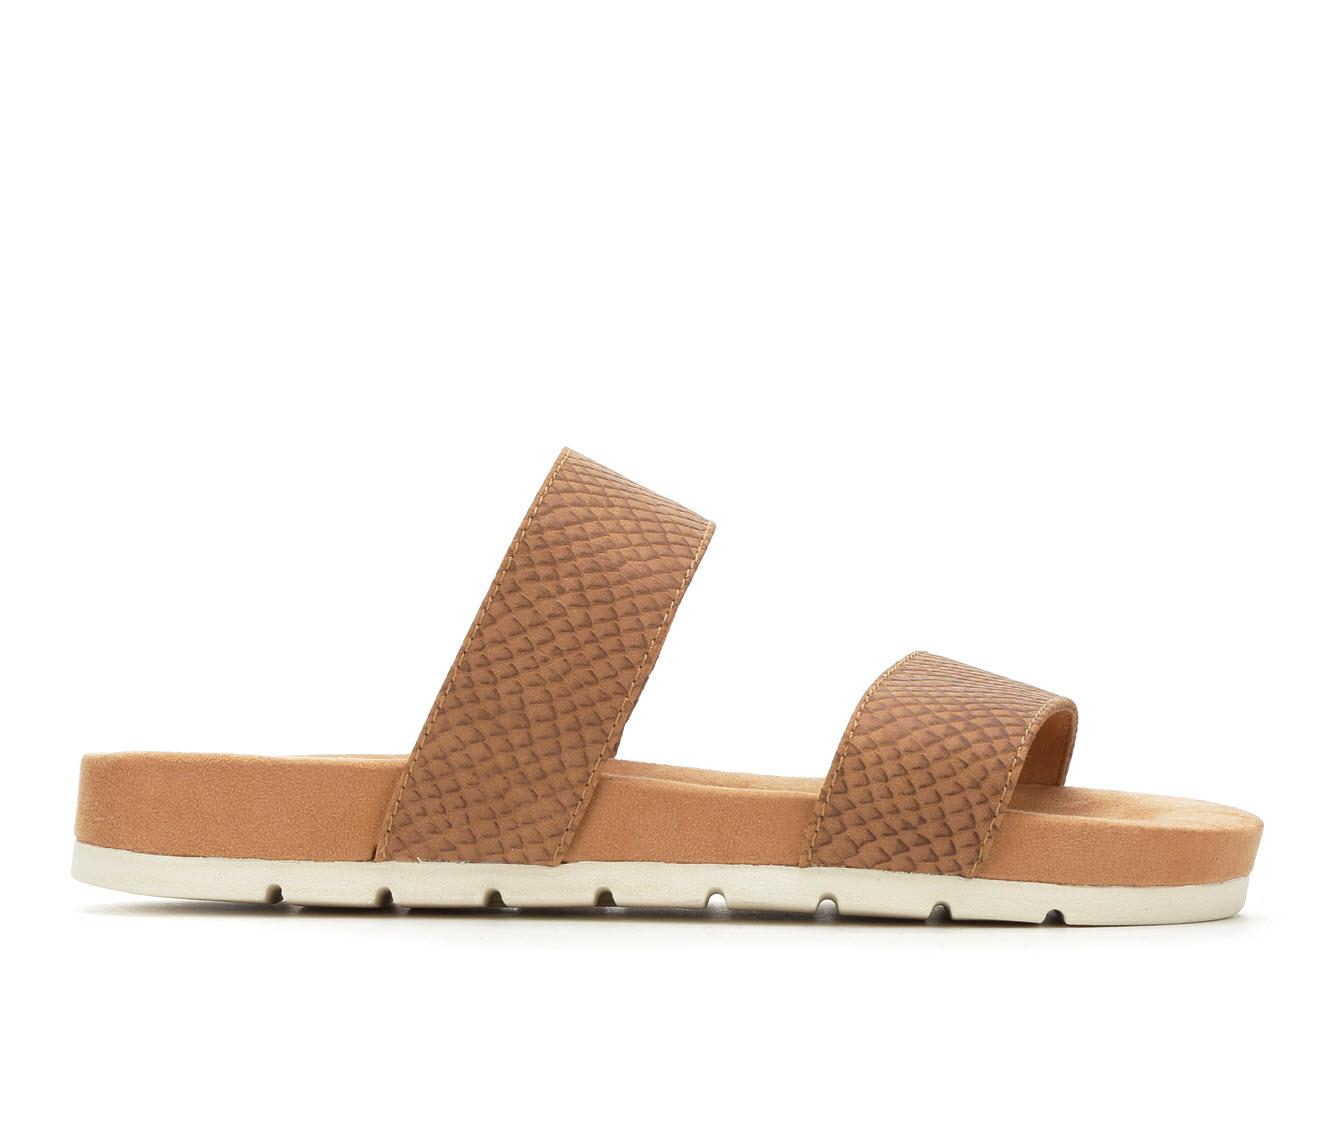 Cliffs Tahlie Women's Sandal (Beige Faux Leather)